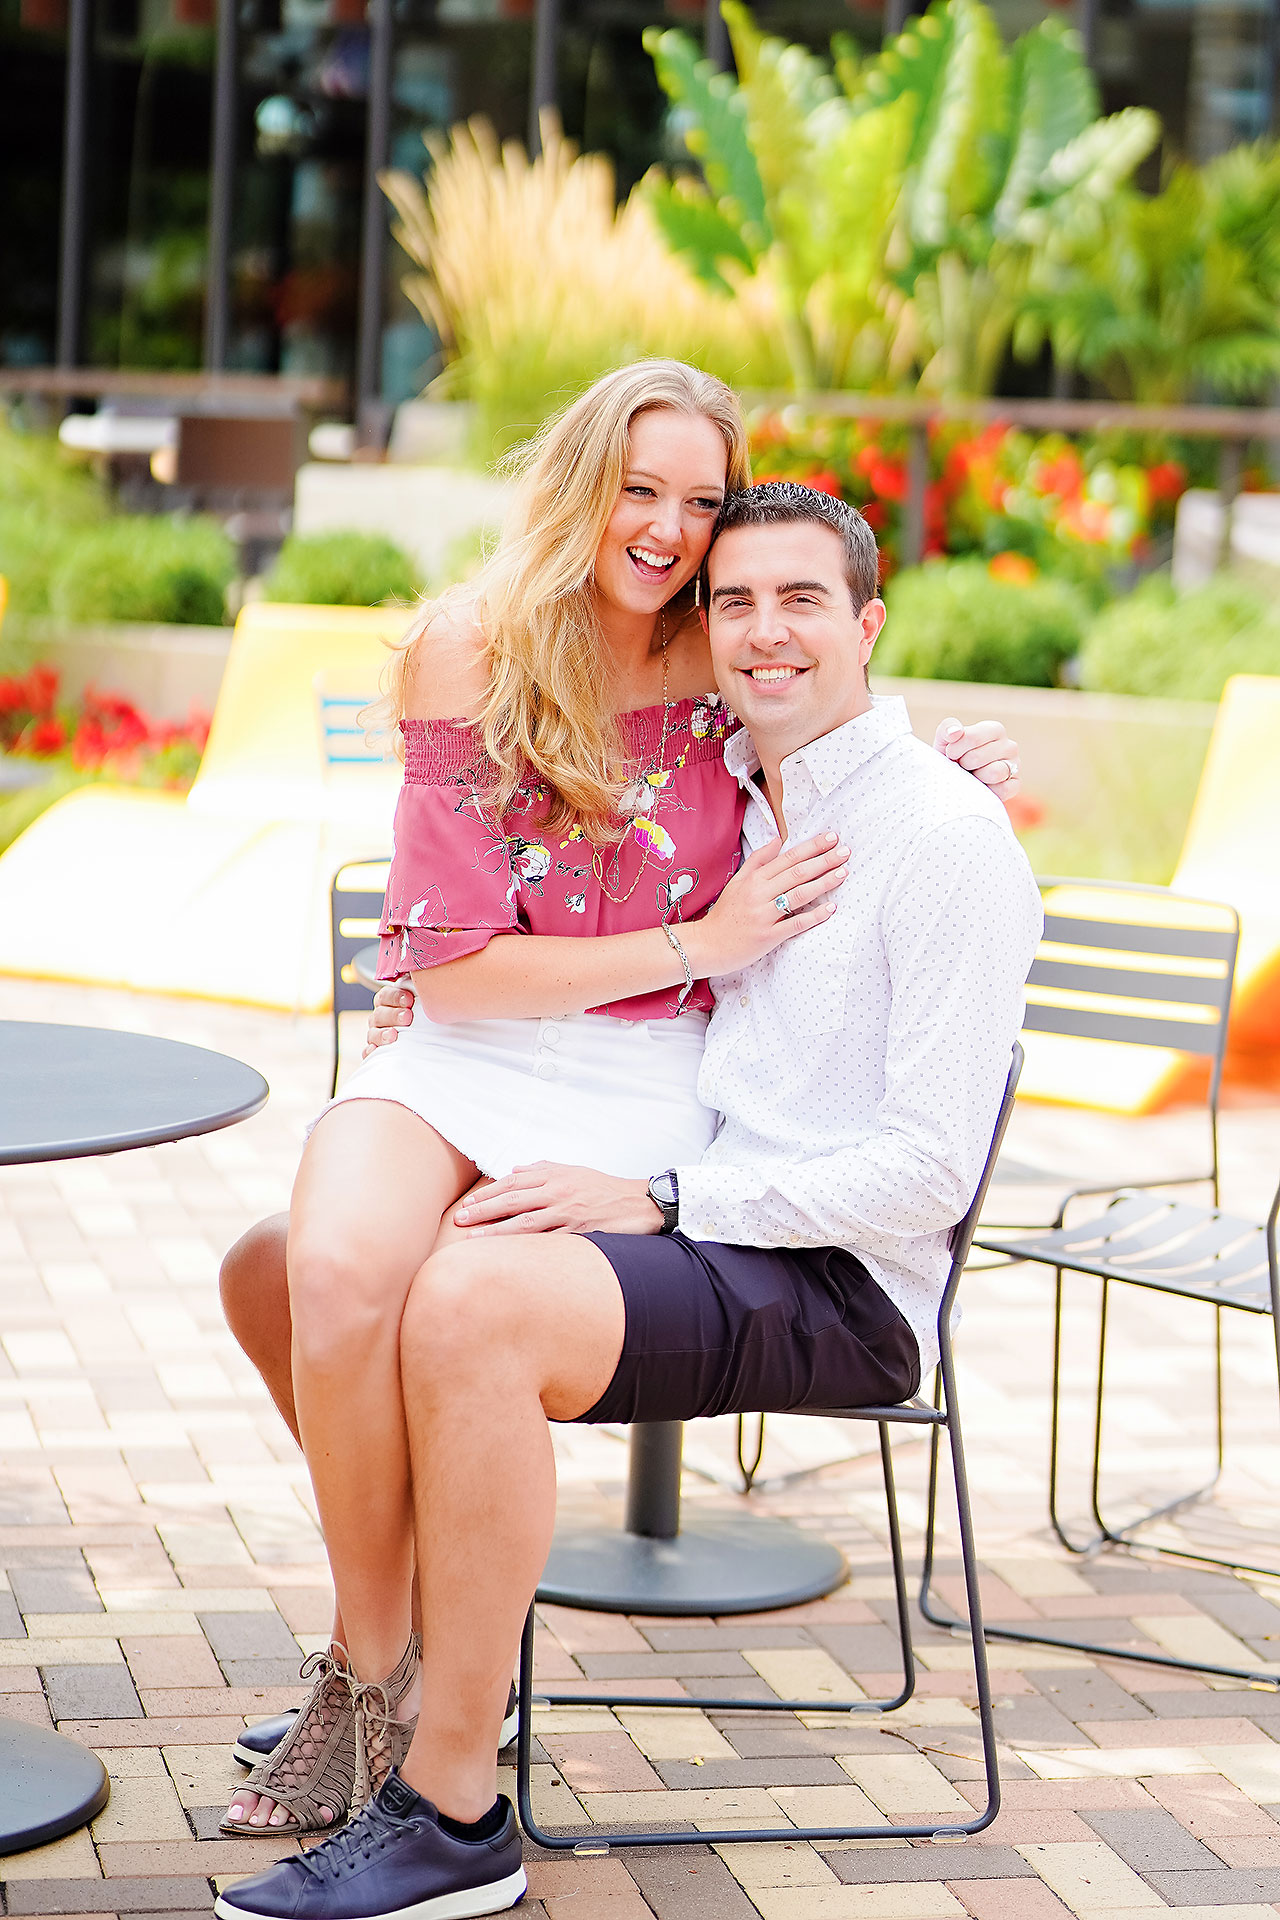 Liz Zach Midtown Carmel Engagement Session 042